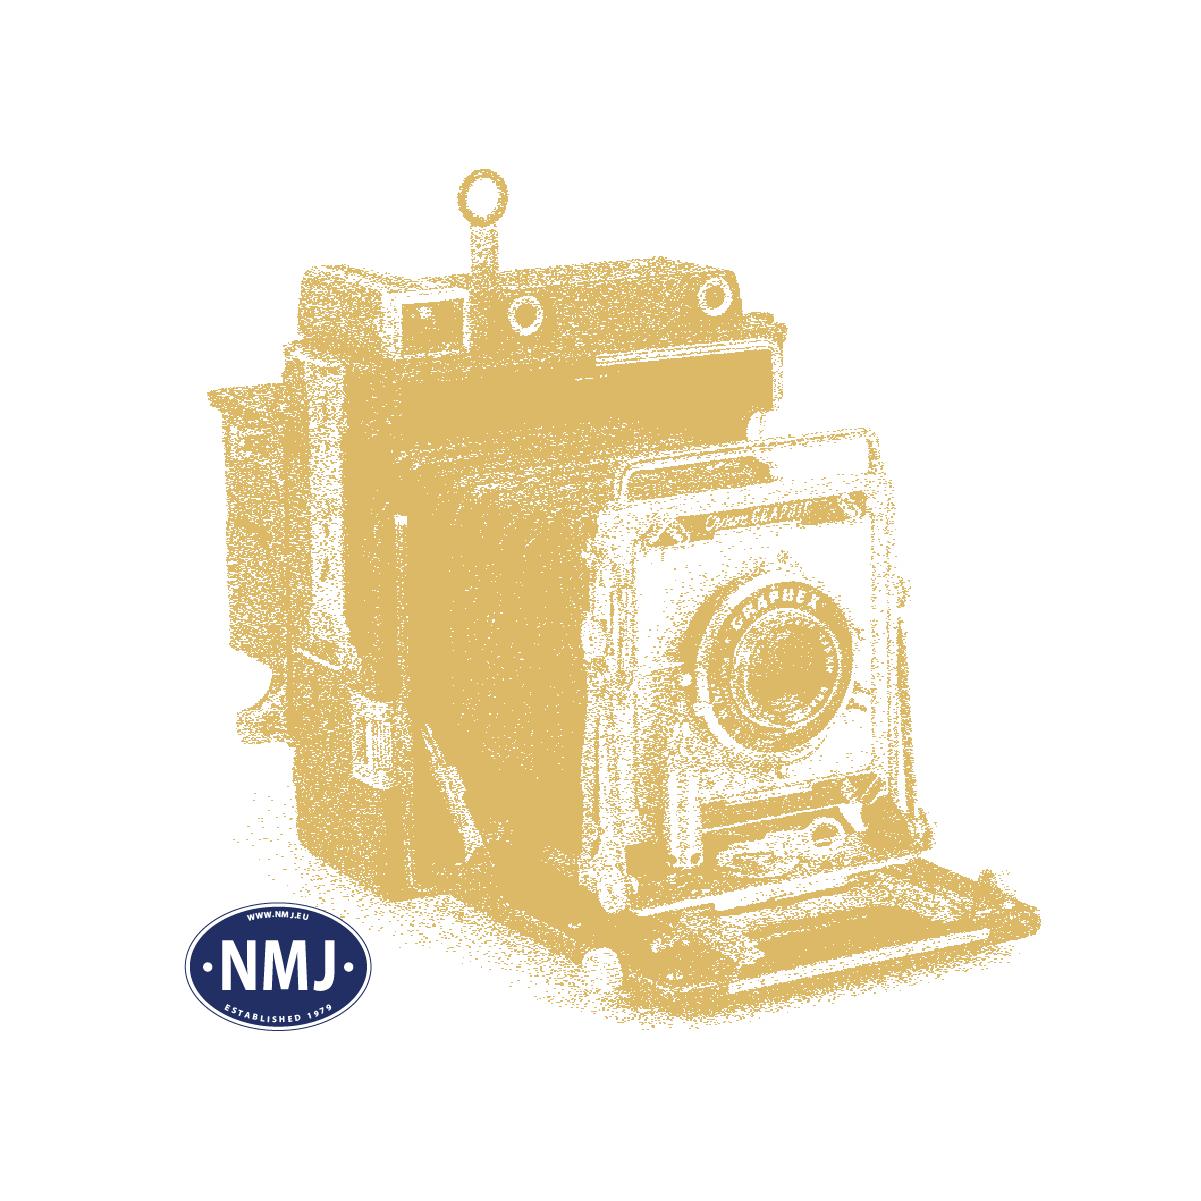 MBR50-3004 - Kleine Büsche mit gelben Blüten Sommer, 3 Stück, 4-6cm, N/TT/H0/0